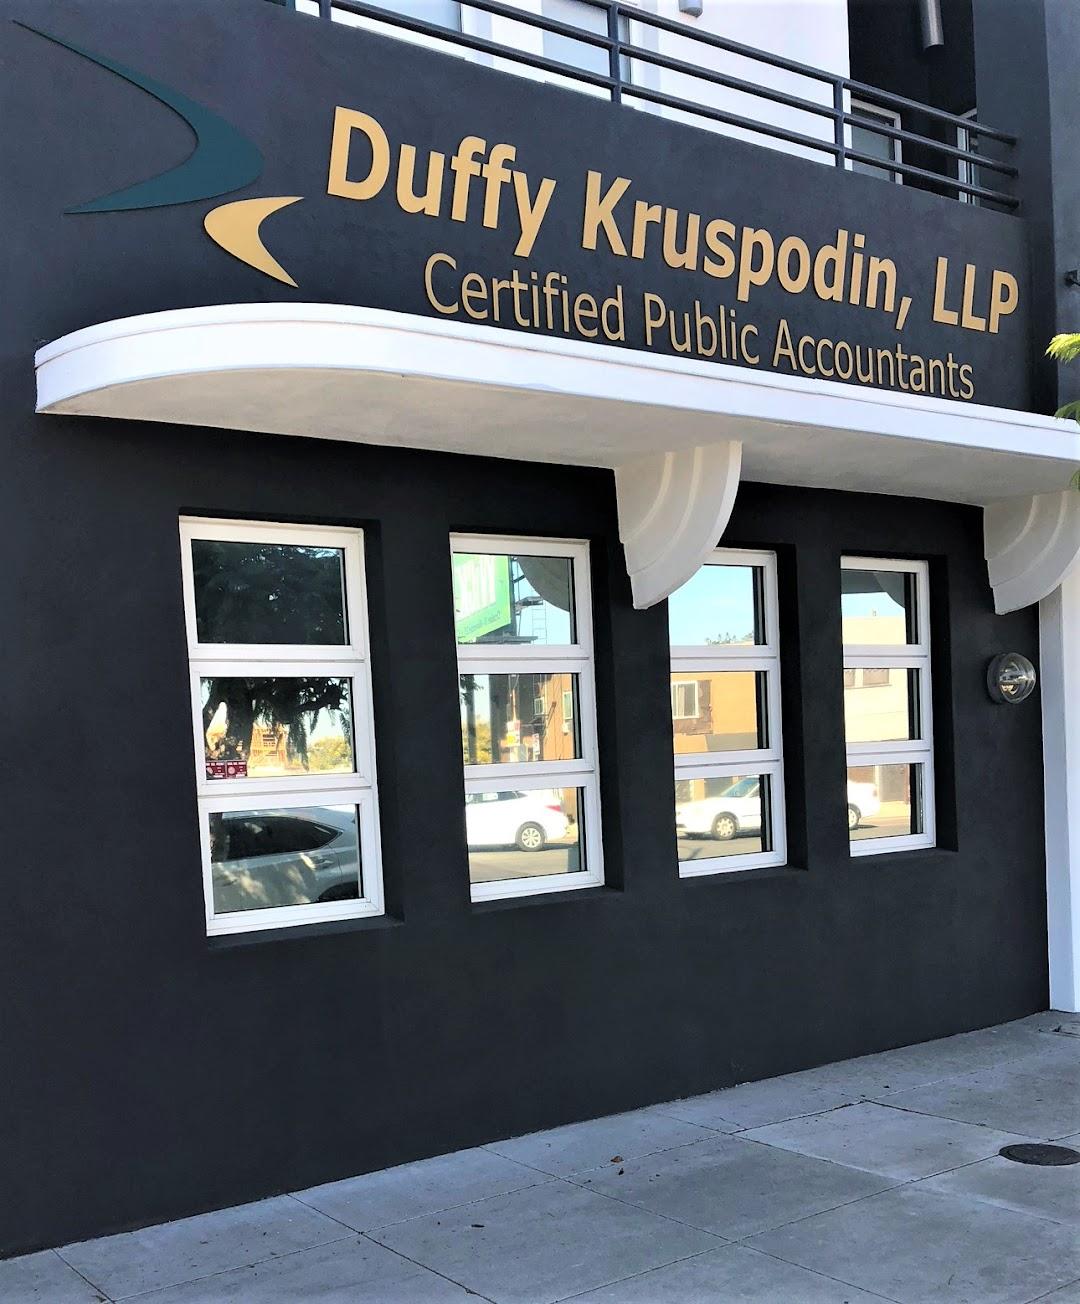 Duffy Kruspodin, LLP Certified Public Accountants